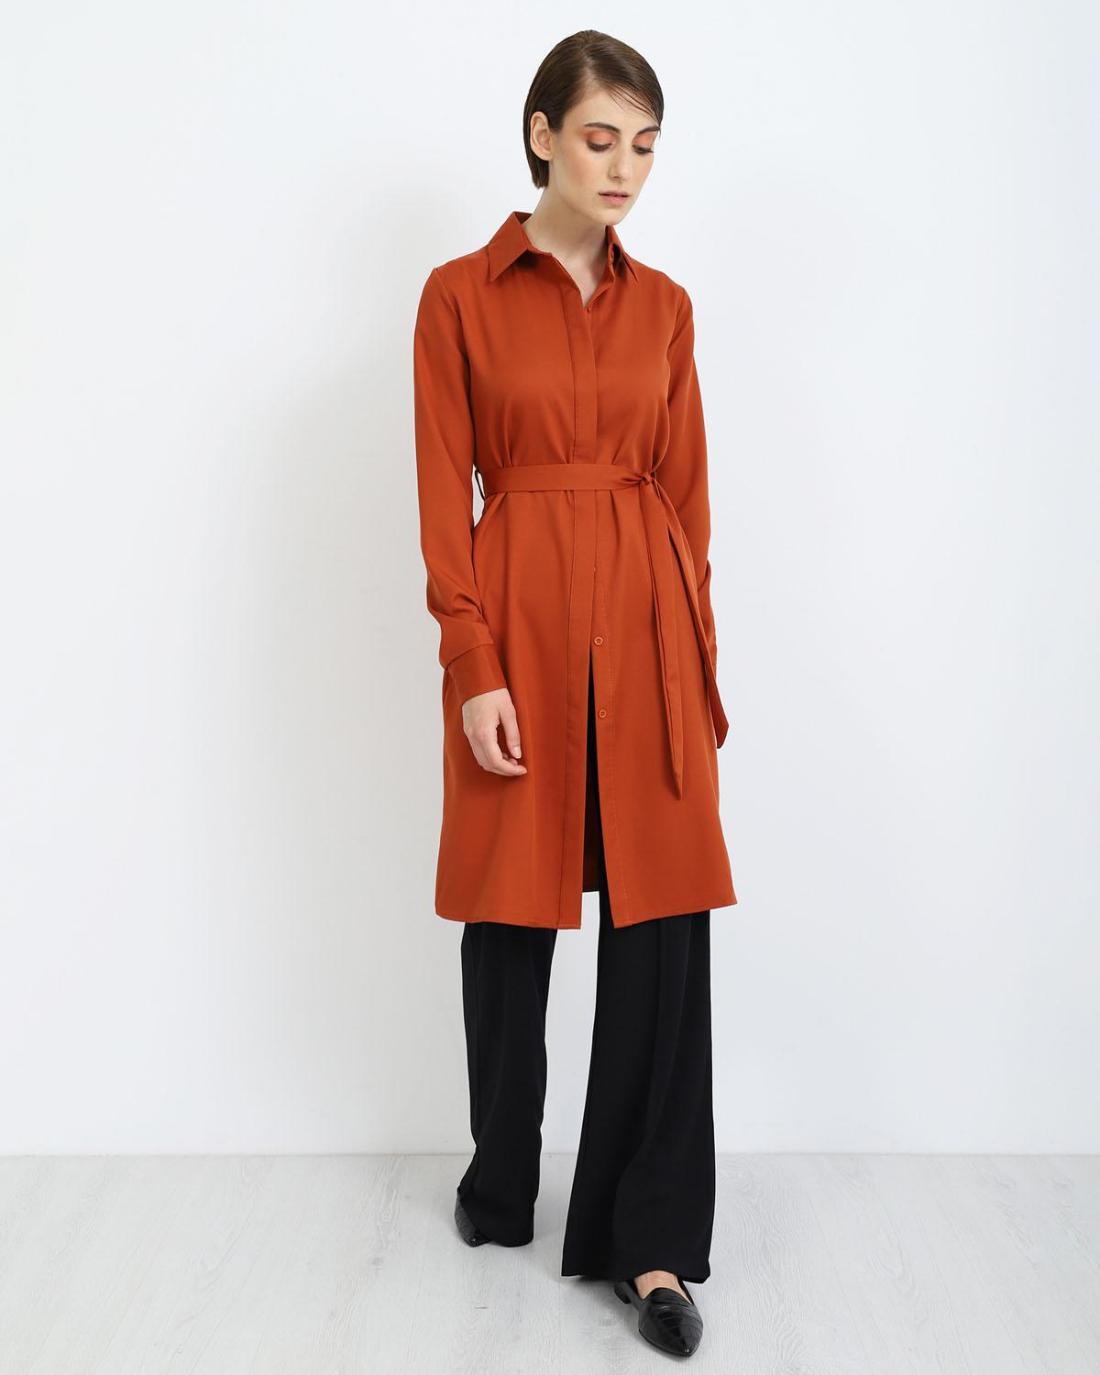 Φόρεμα κεραμιδί